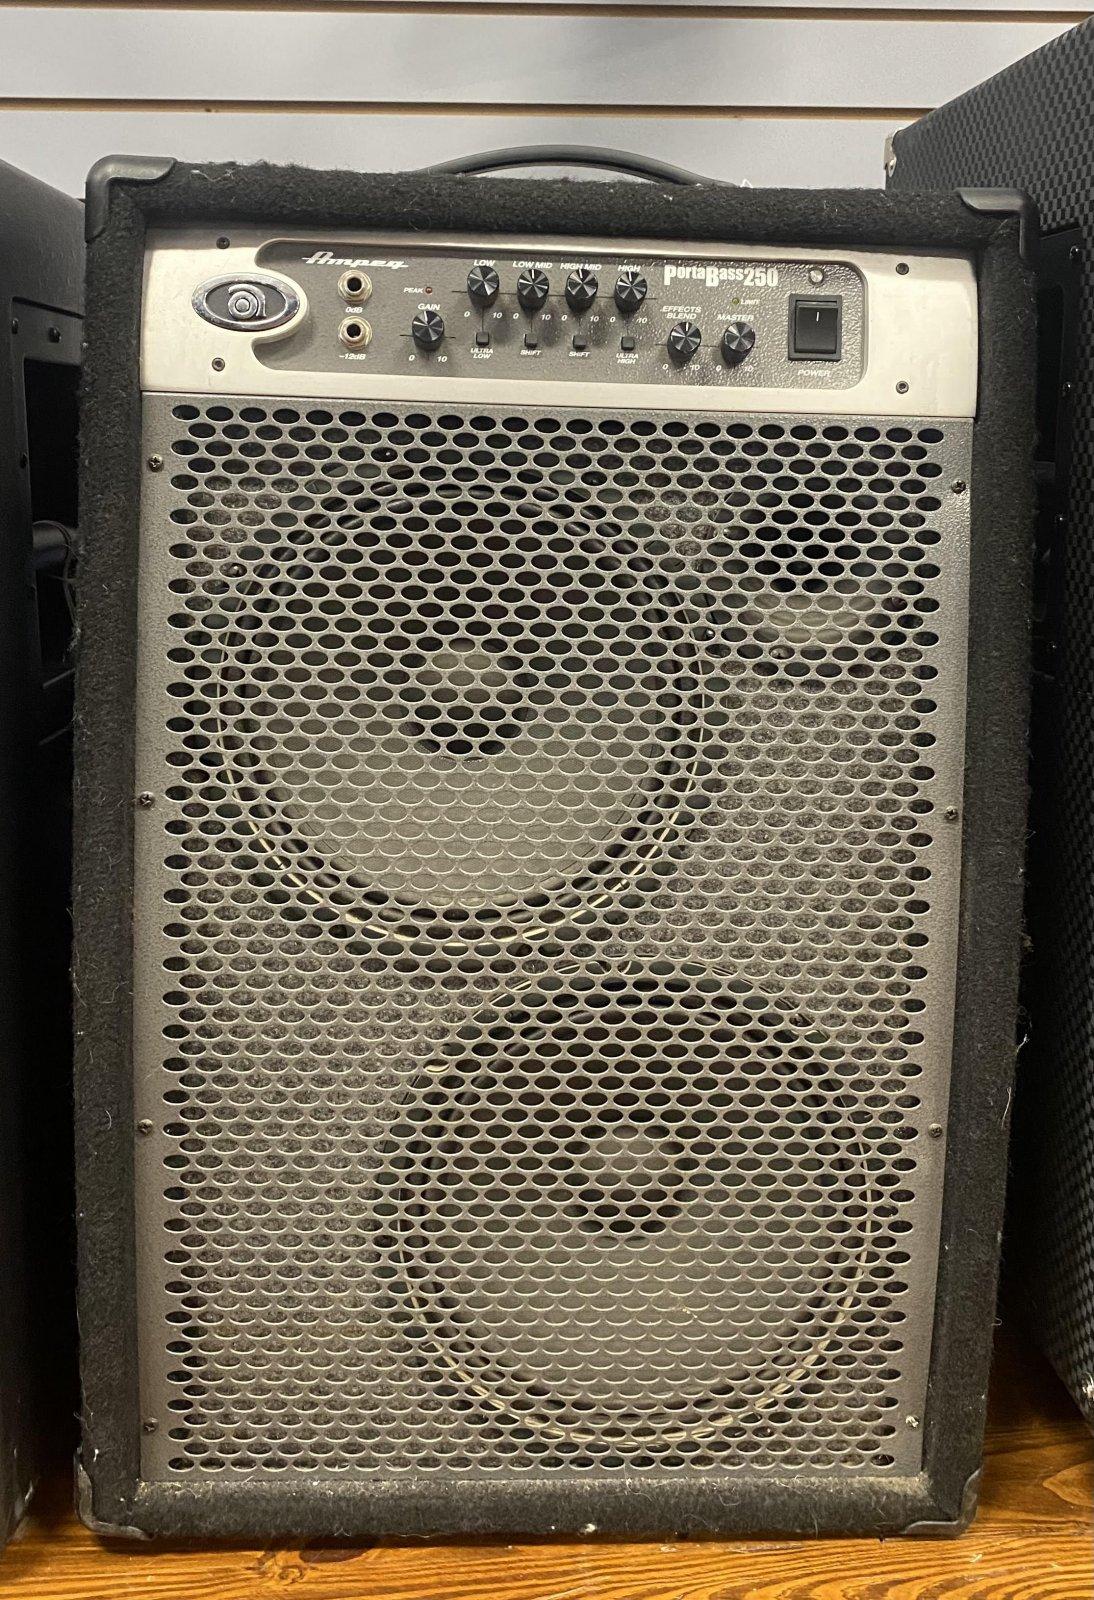 Used Ampeg PBC-2210